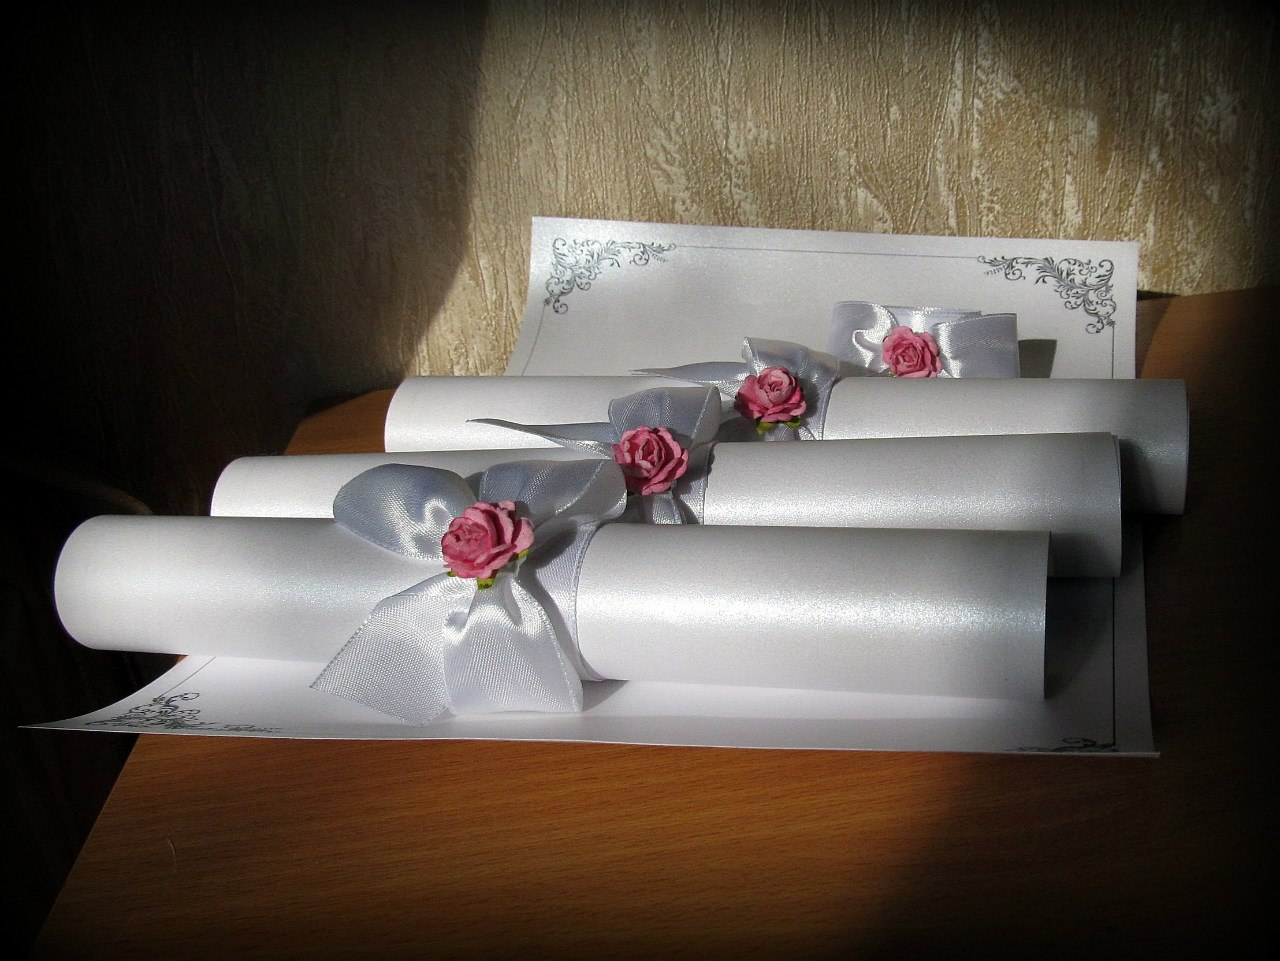 Оригинальный подарок своими руками молодоженам на свадьбу 10